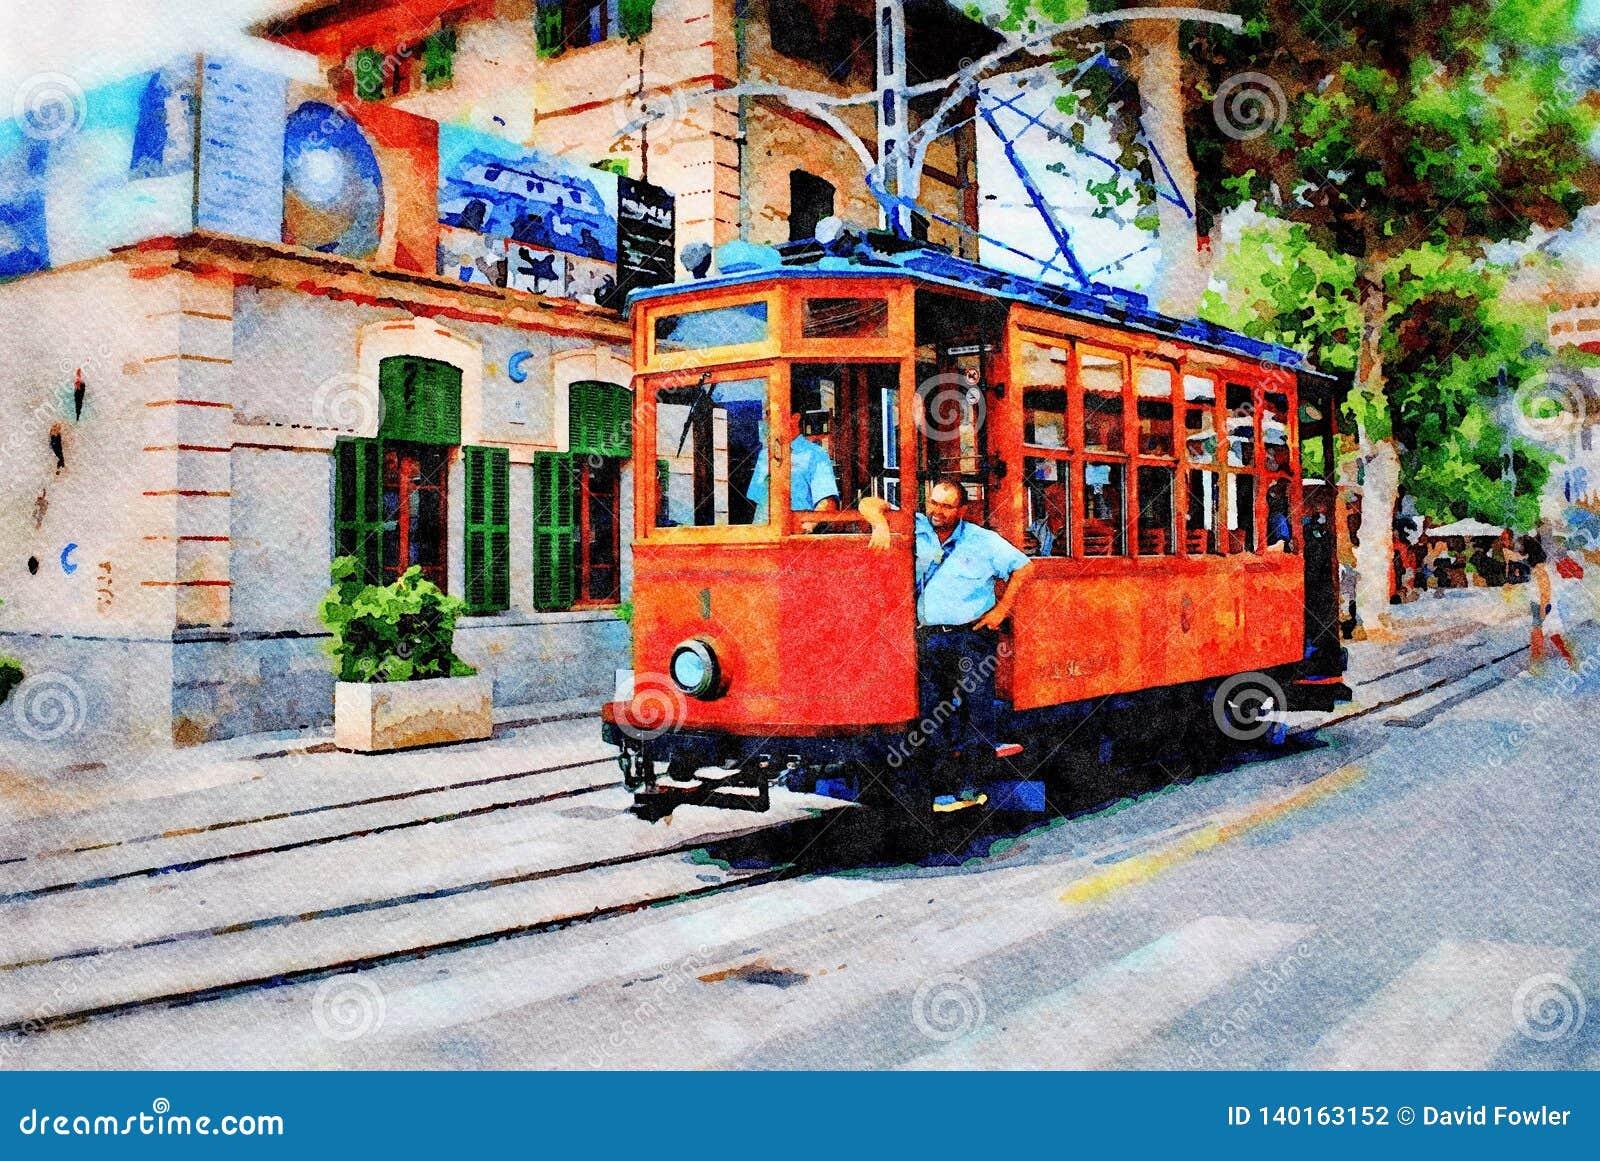 Rocznika tramwaj, Majorca